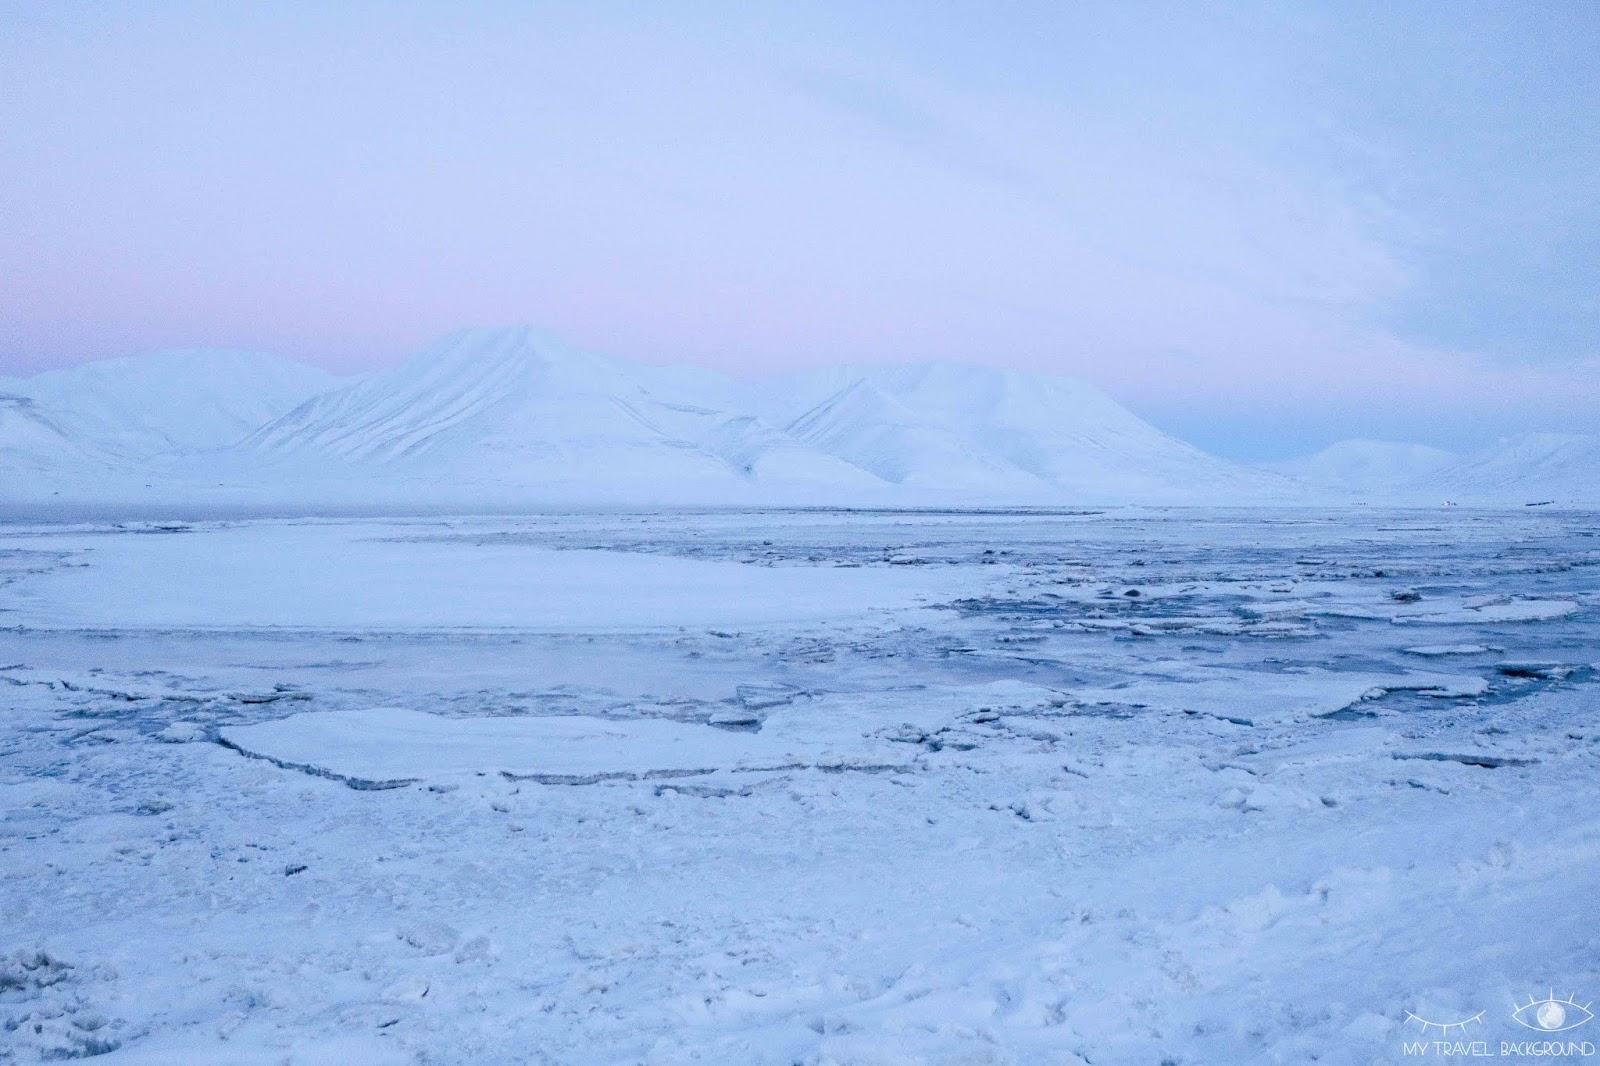 My Travel Background : 13 jours en Norvège et au Svalbard : itinéraire du road trip et infos pratiques - Longyearbyen, Svalbard